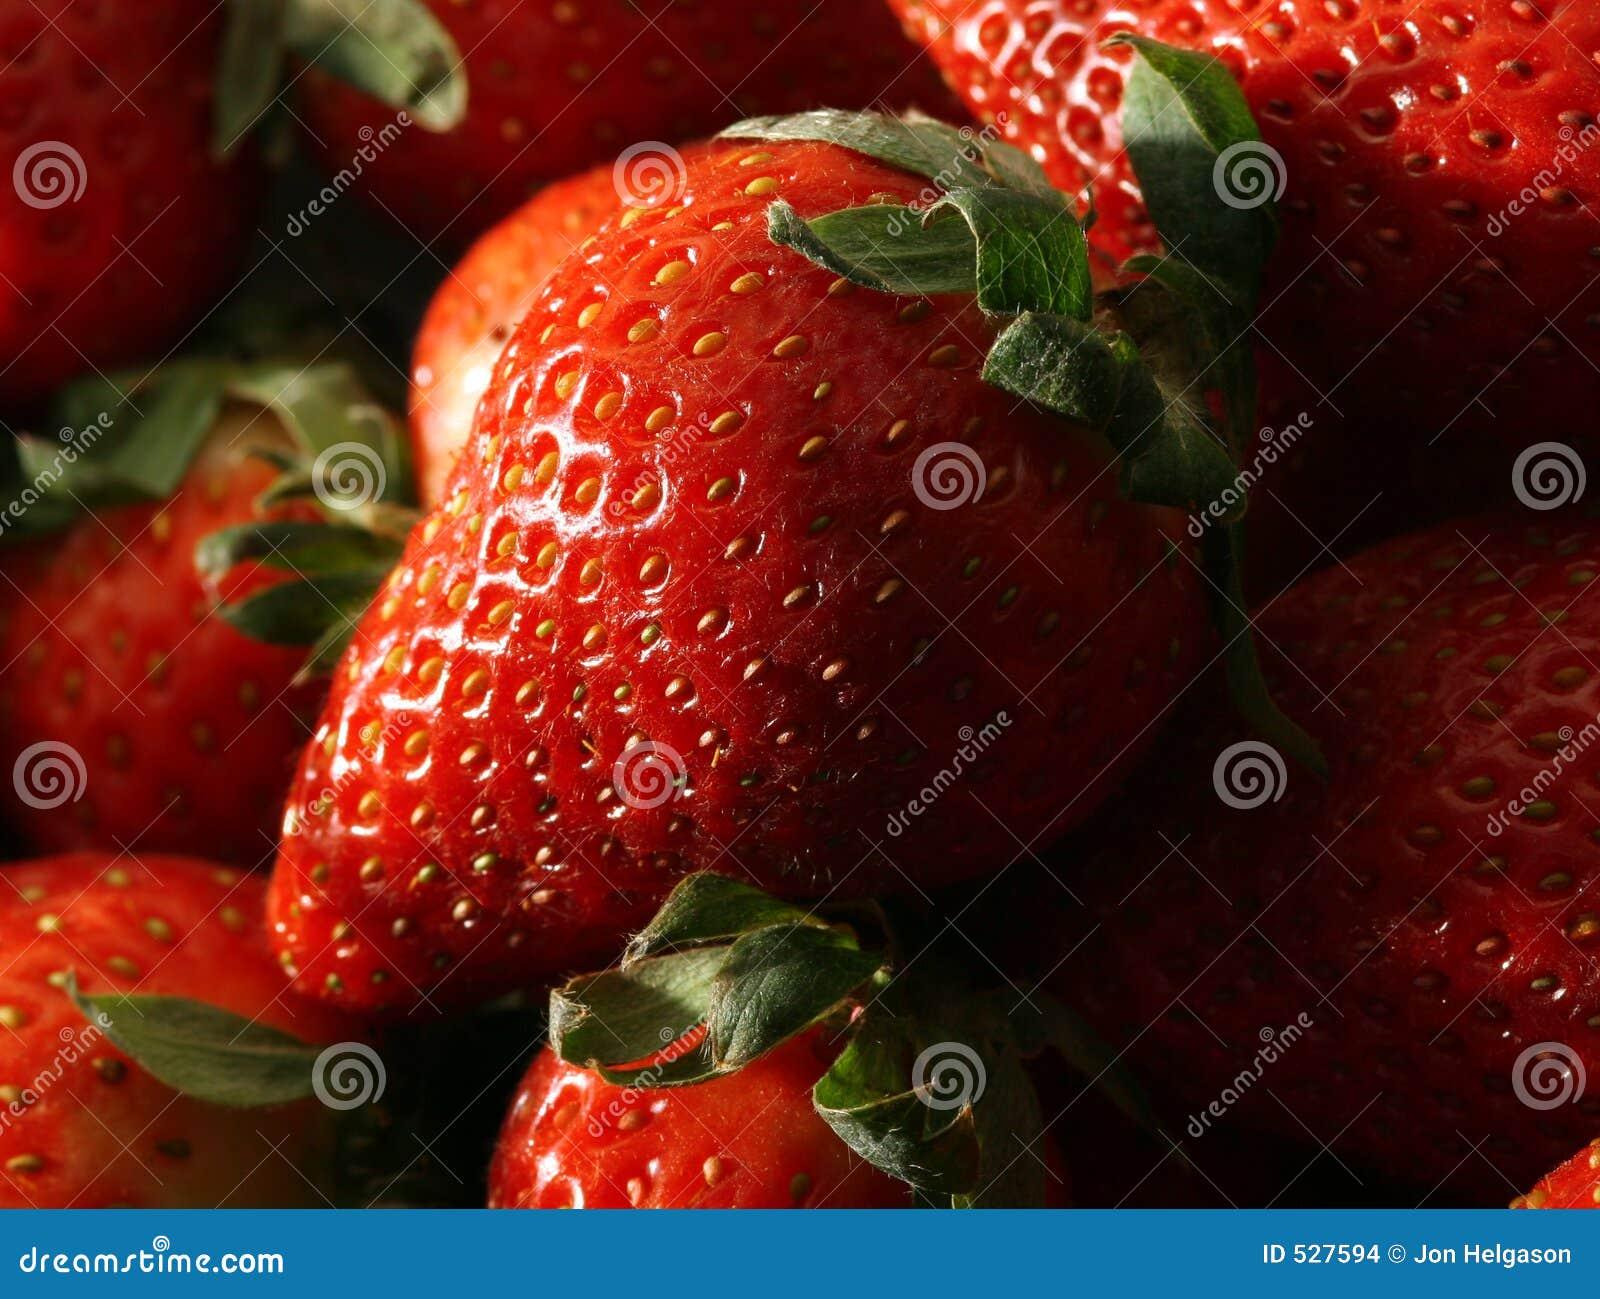 Download 宏观草莓 库存照片. 图片 包括有 问题的, 庄稼, 模式, 新鲜, 草莓, 类似, 蛋白质, 种子, 种田 - 527594